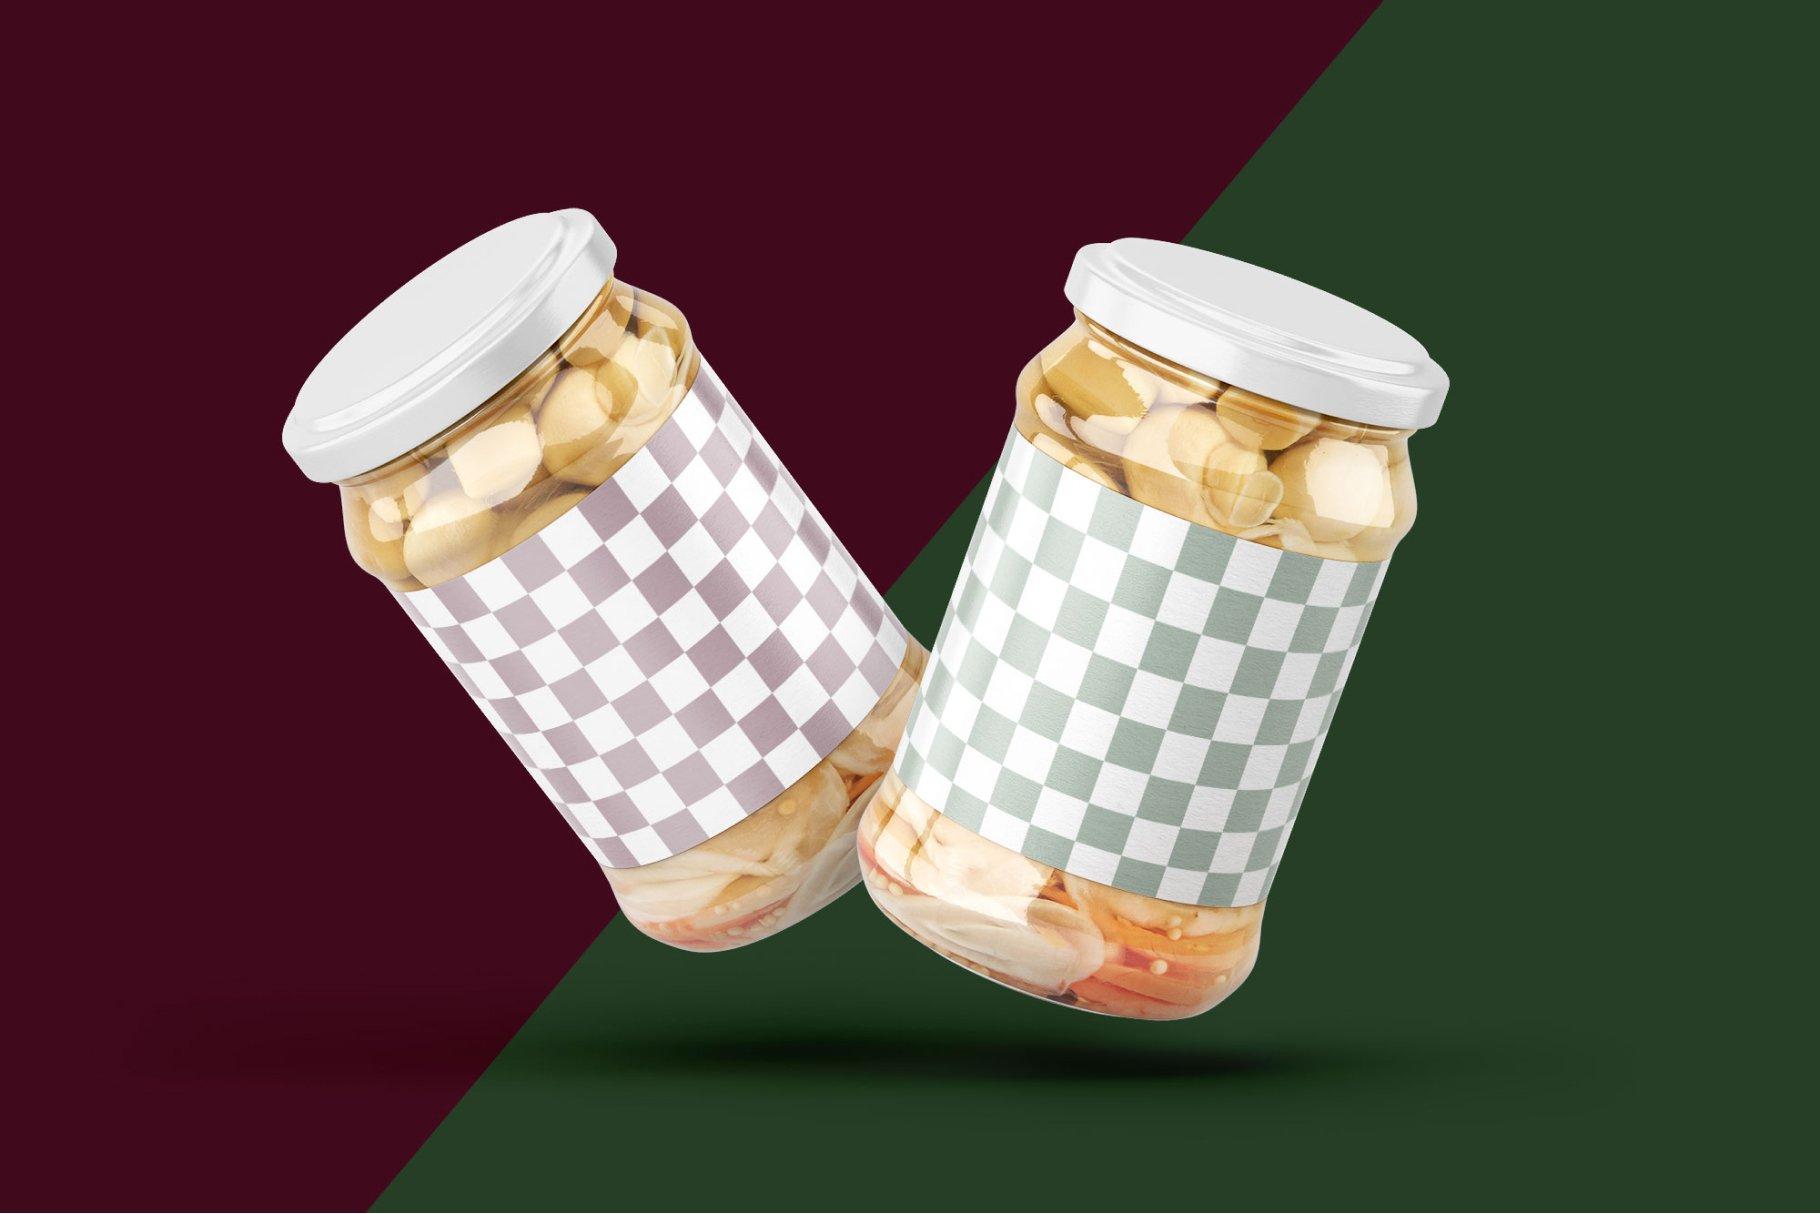 10款新潮蘑菇果酱水果罐头玻璃瓶标签设计展示样机合集 Whole Mushroom Jar Mockup Set插图3